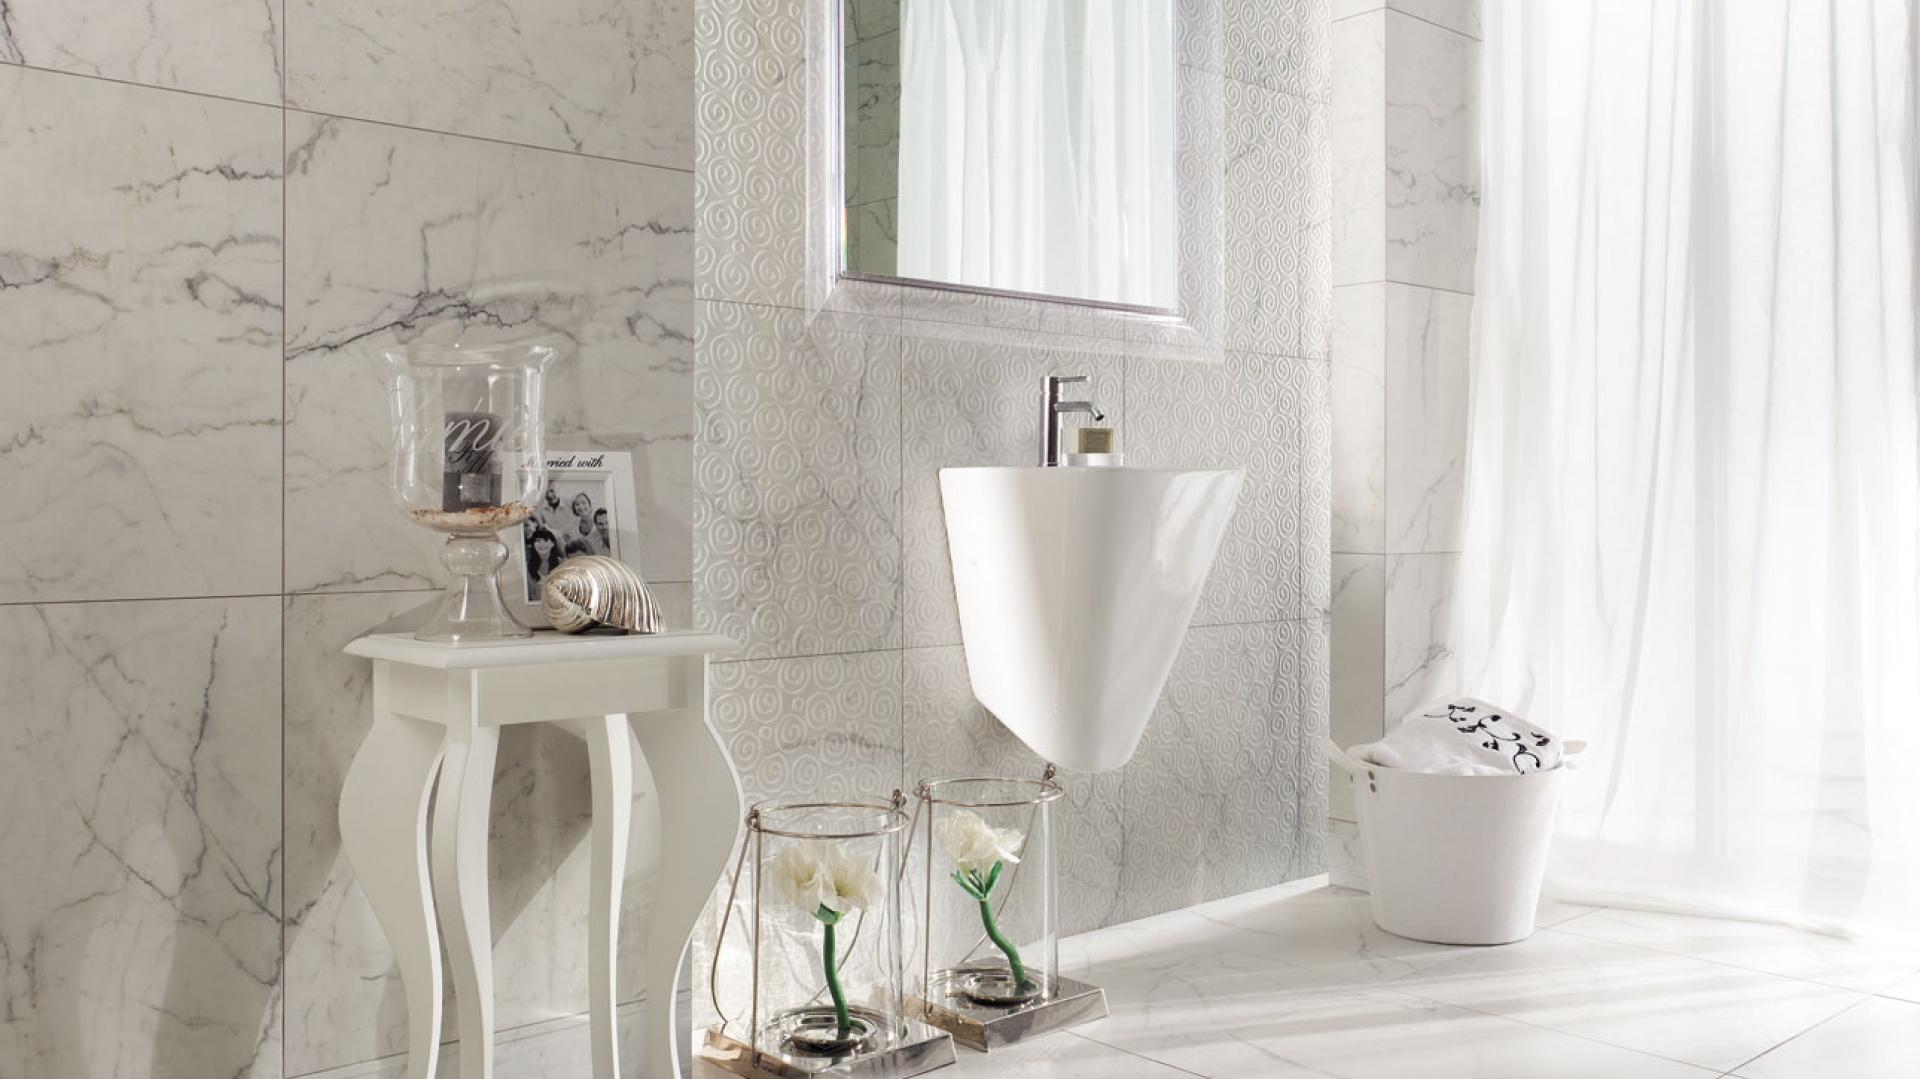 Jak prawdziwy marmur Carrara - płytki ceramiczne Carrara firmy Tubadzin. Fot. Tubądzin.